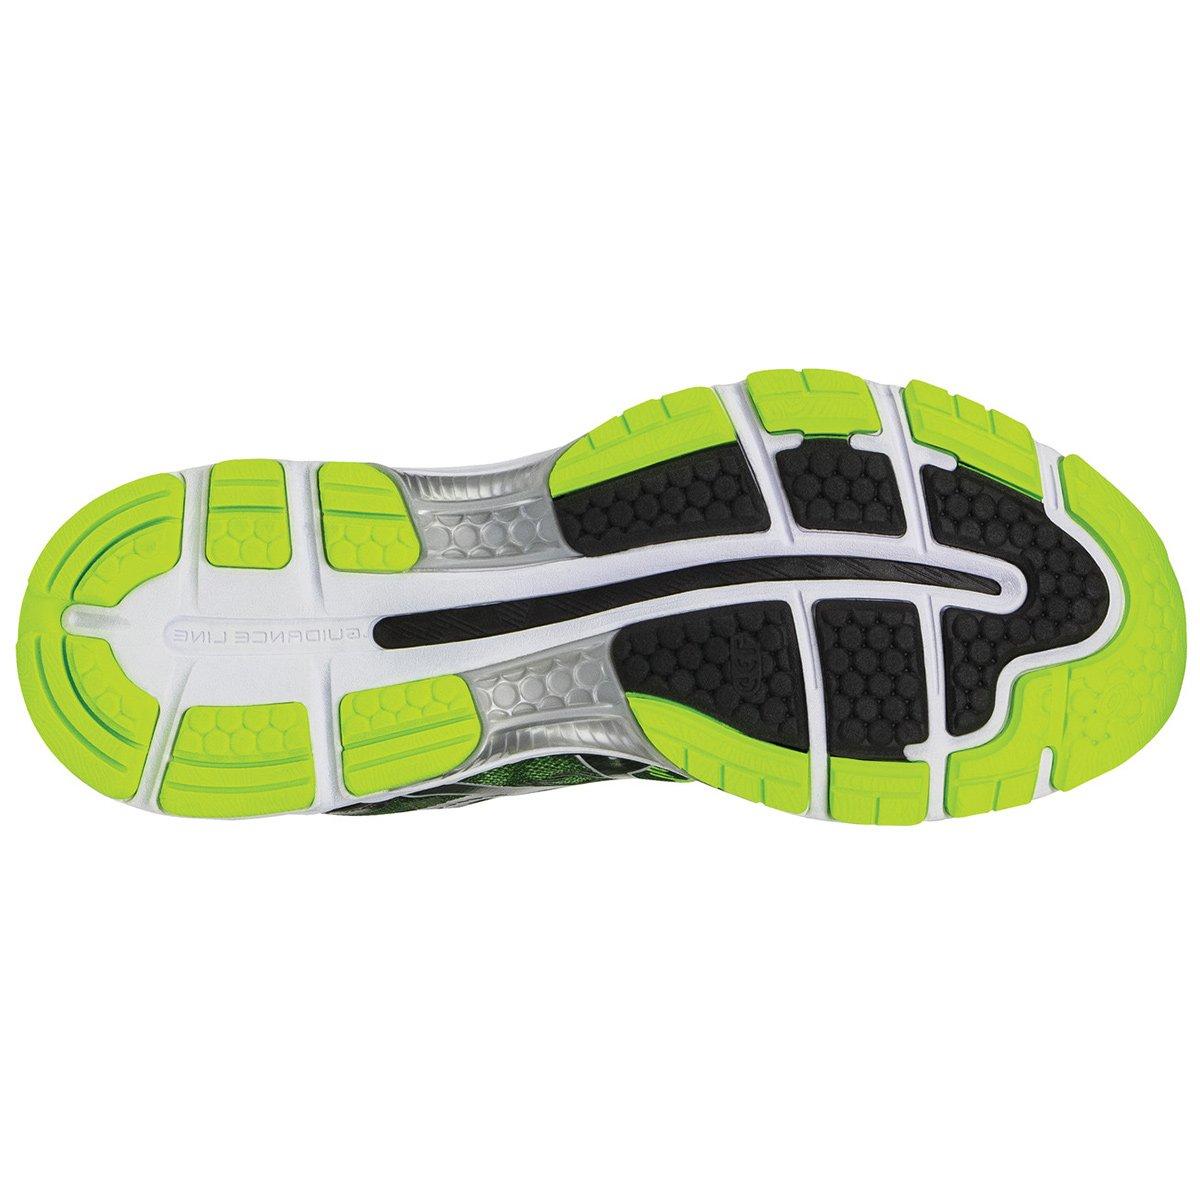 Asics Masculino Preto Nimbus Limão e 19 Tênis Gel Verde R47qCP